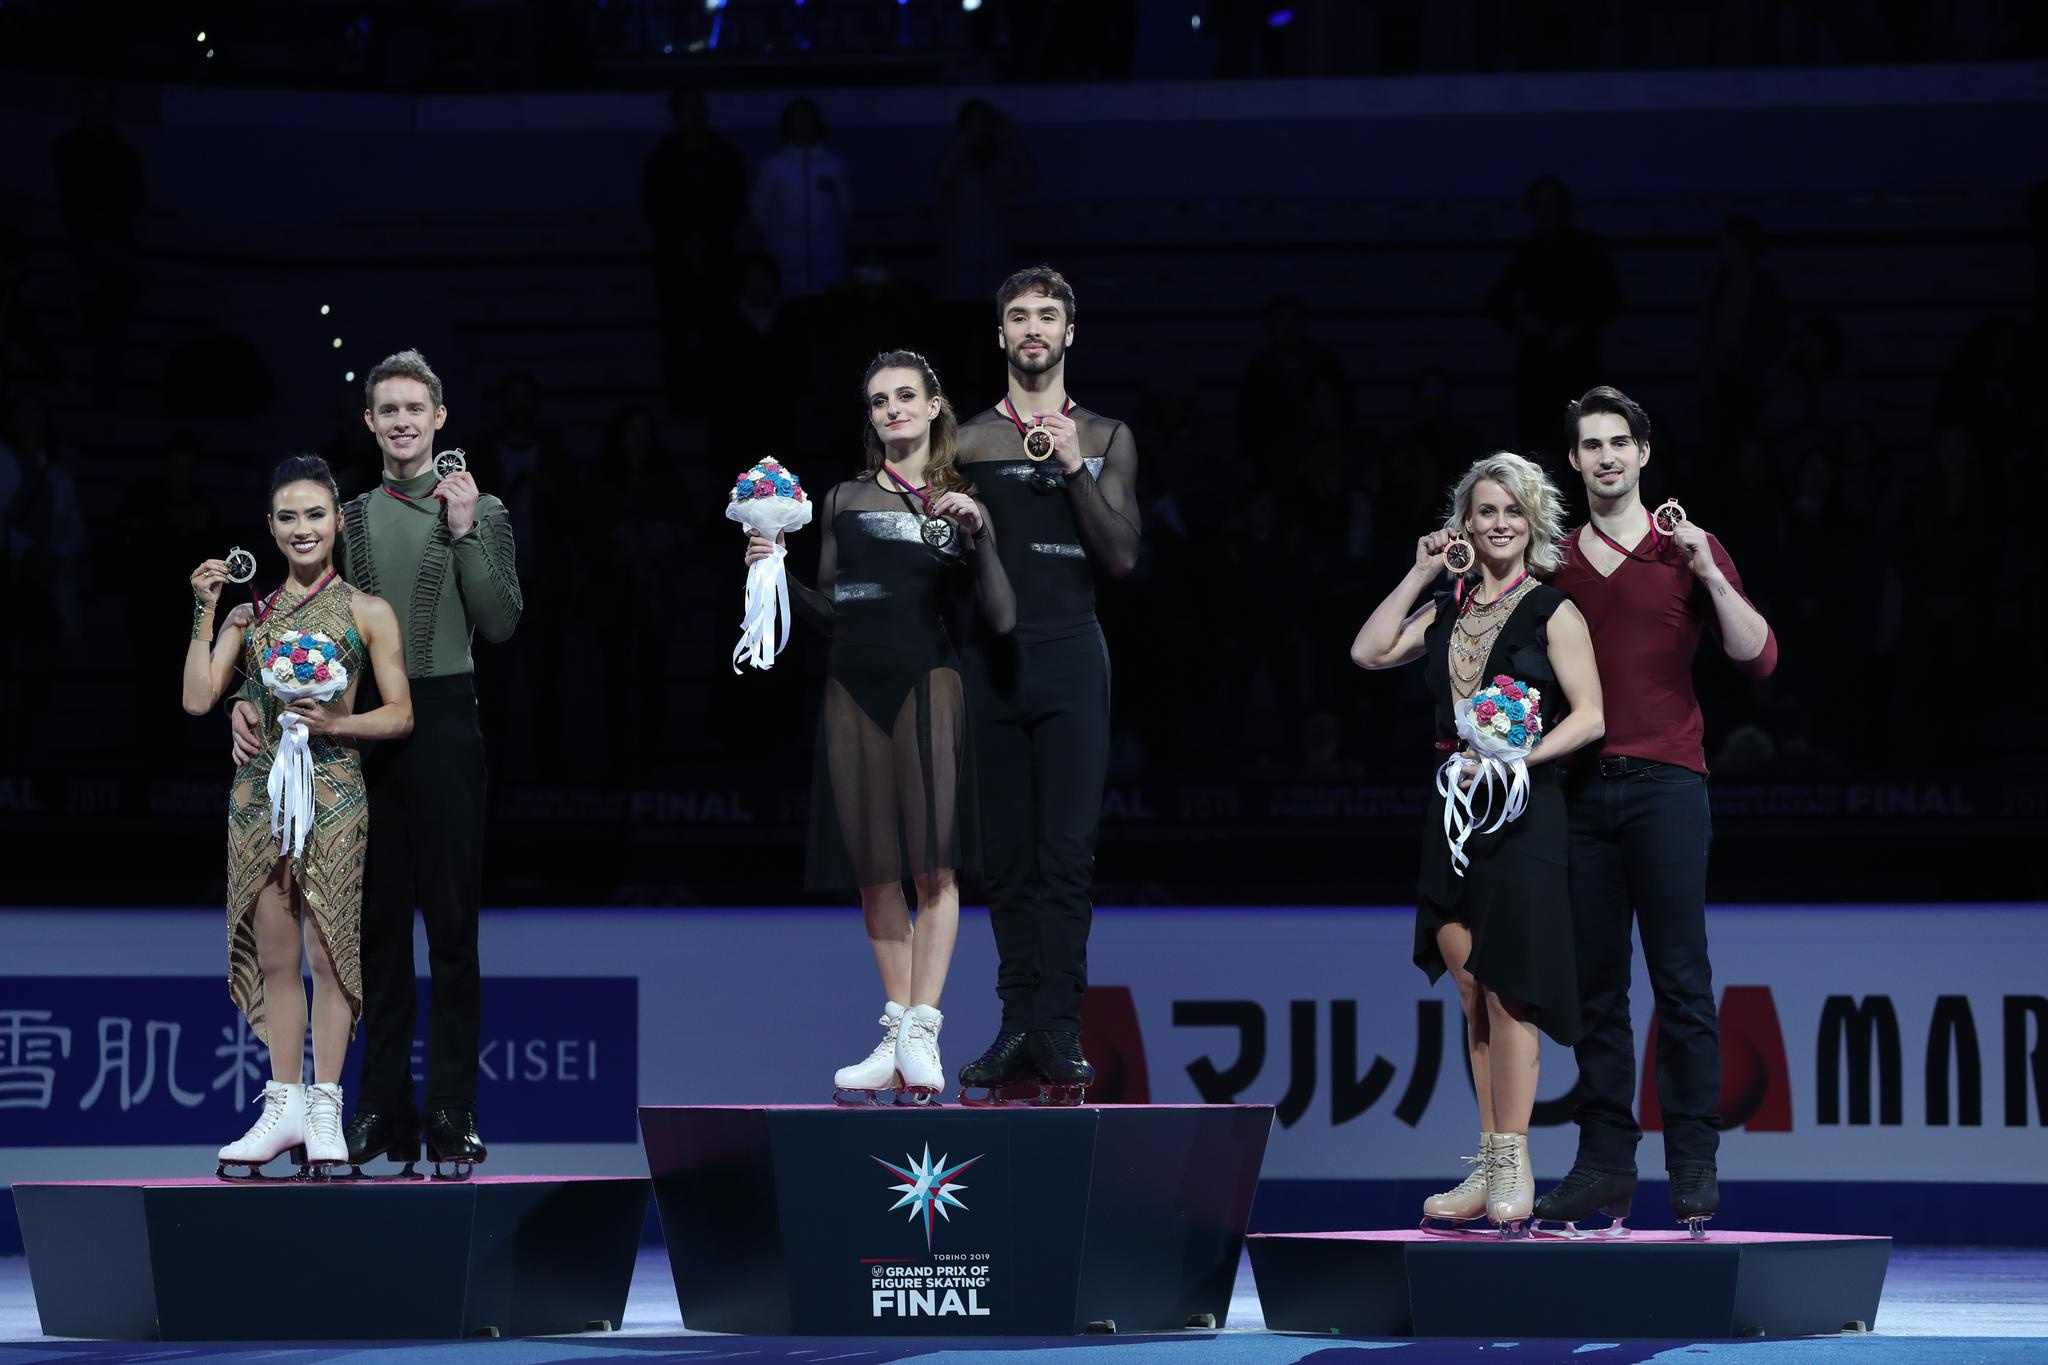 花样滑冰——大奖赛总决赛:冰舞赛况